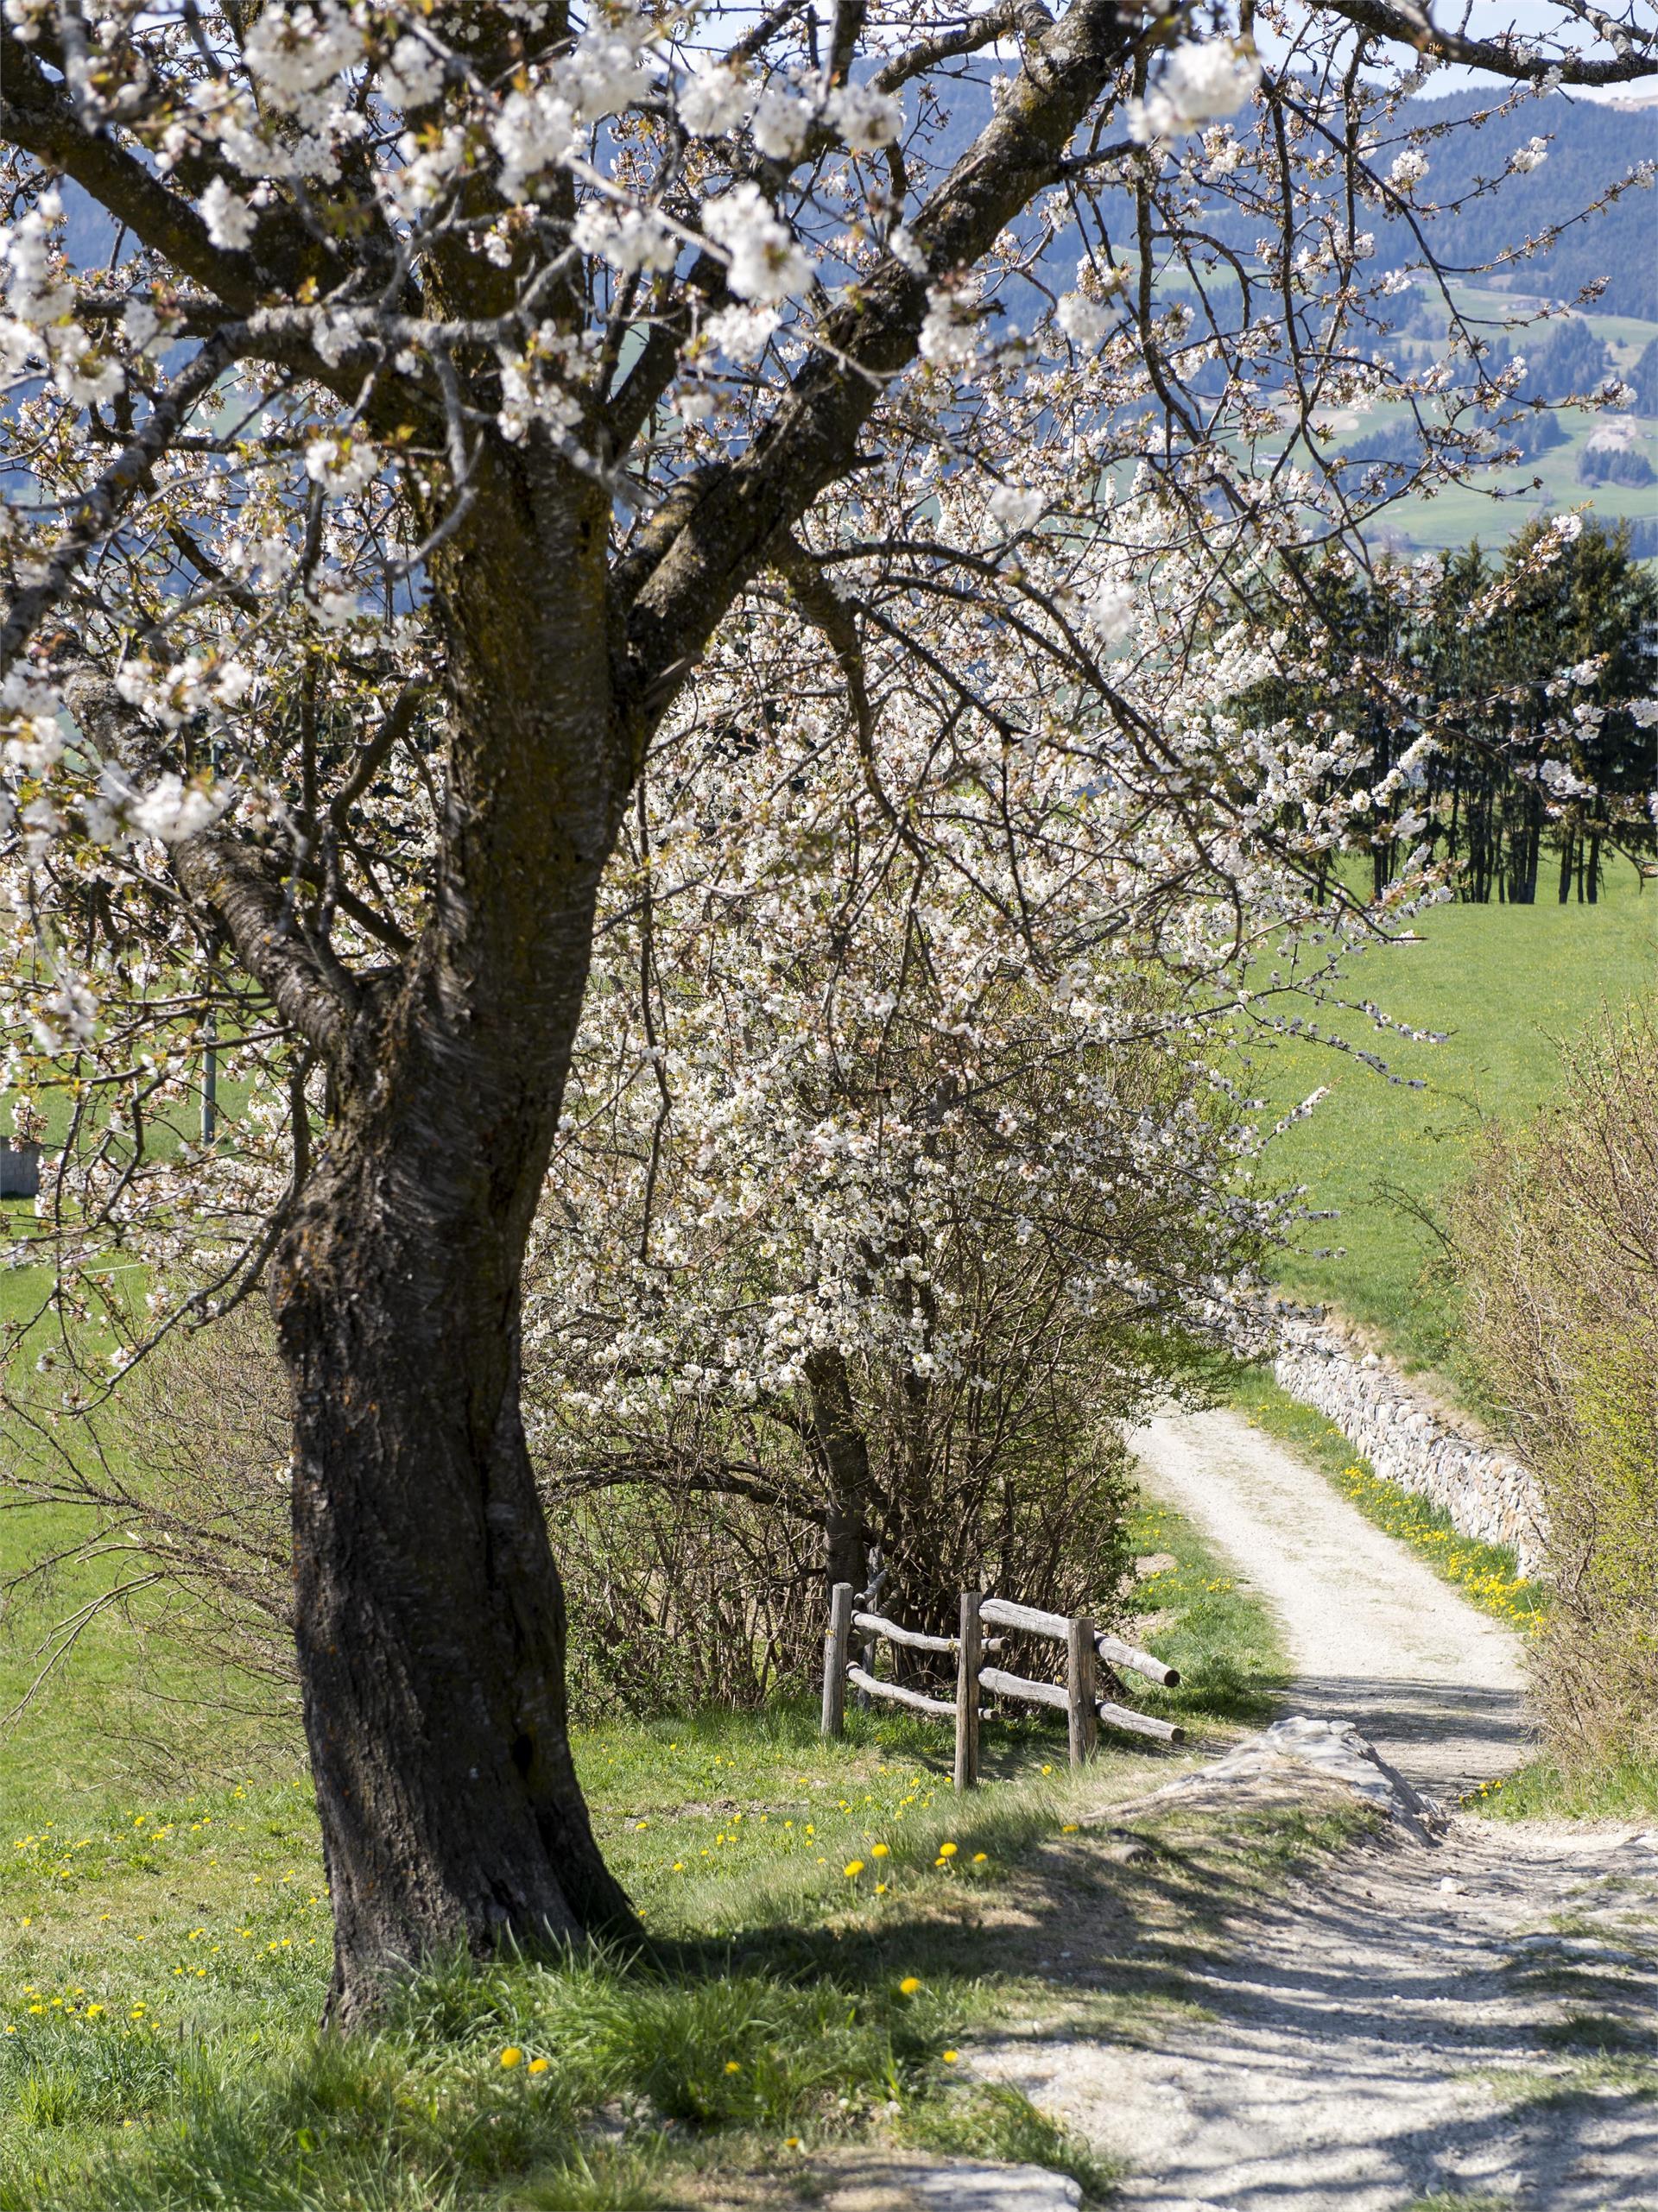 Sentiero circolare Walther v.d. Vogelweide a Laion